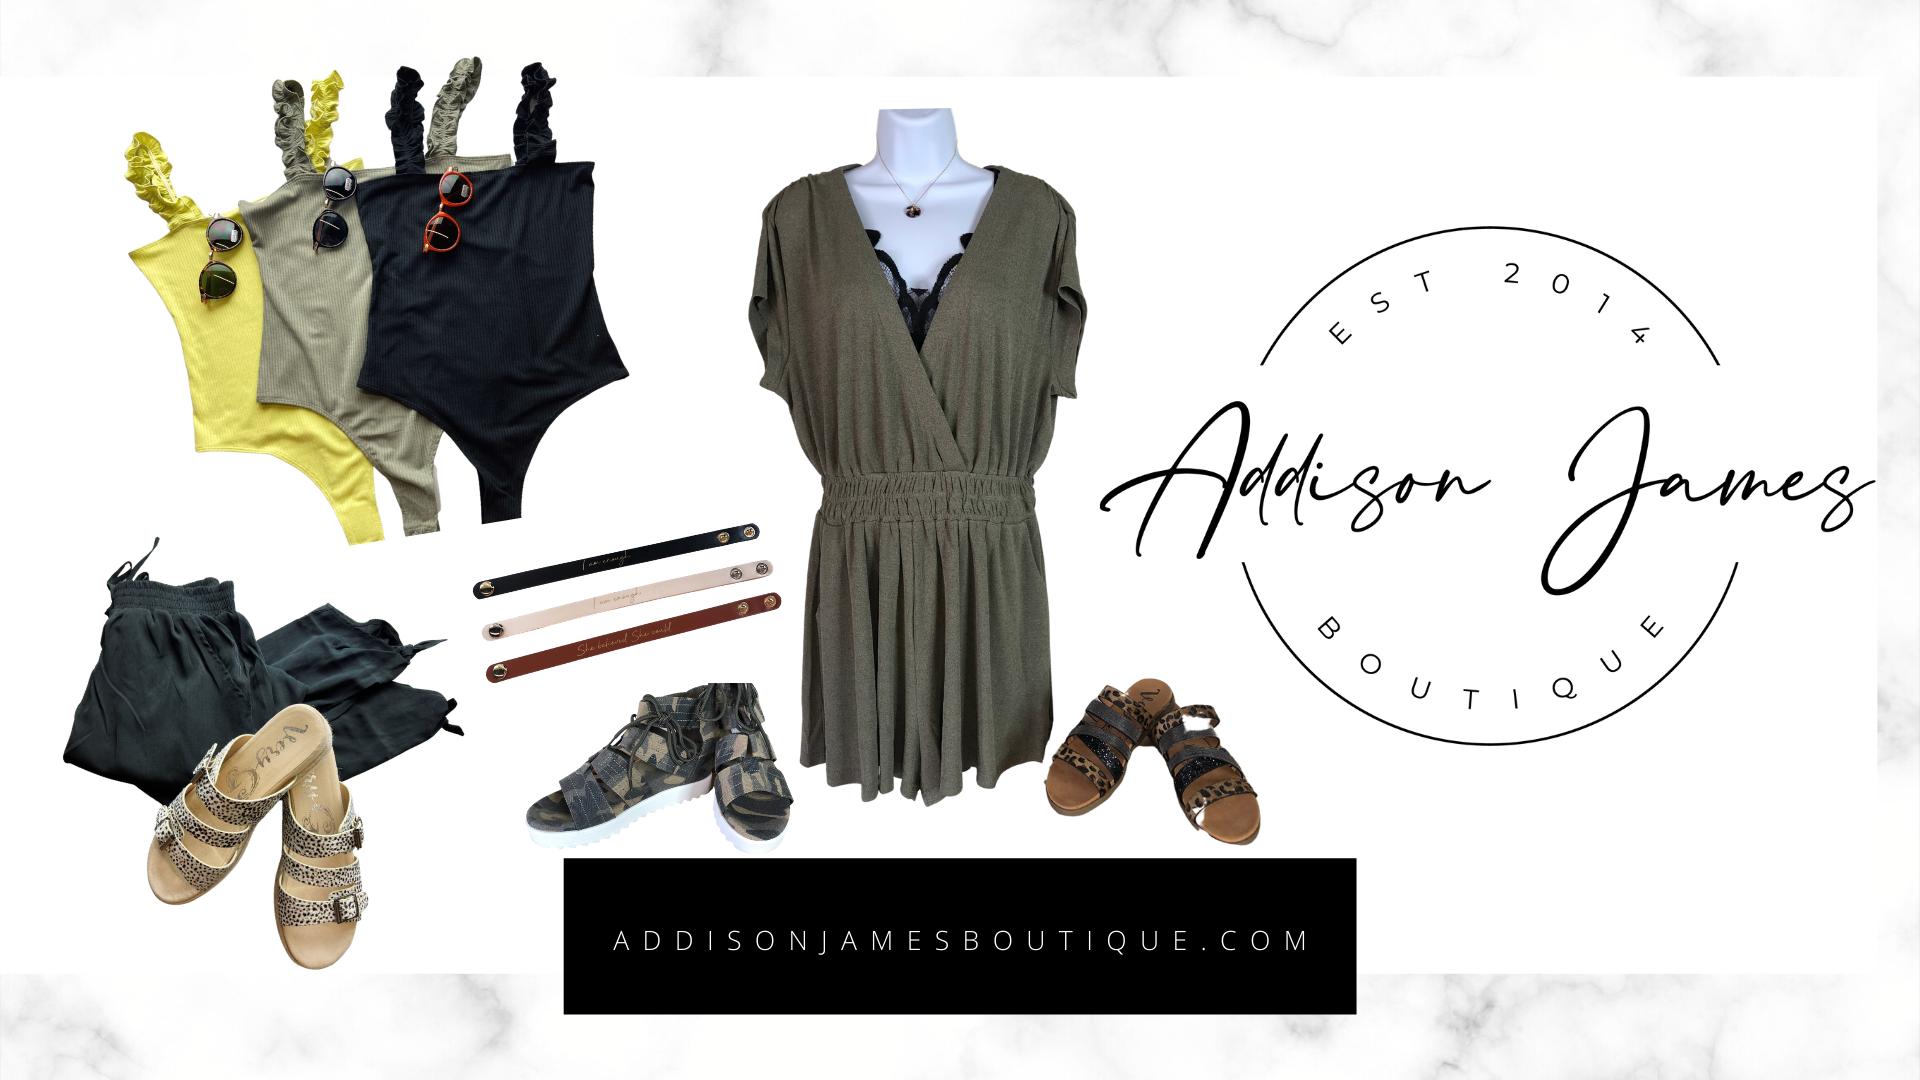 Addison James Boutique